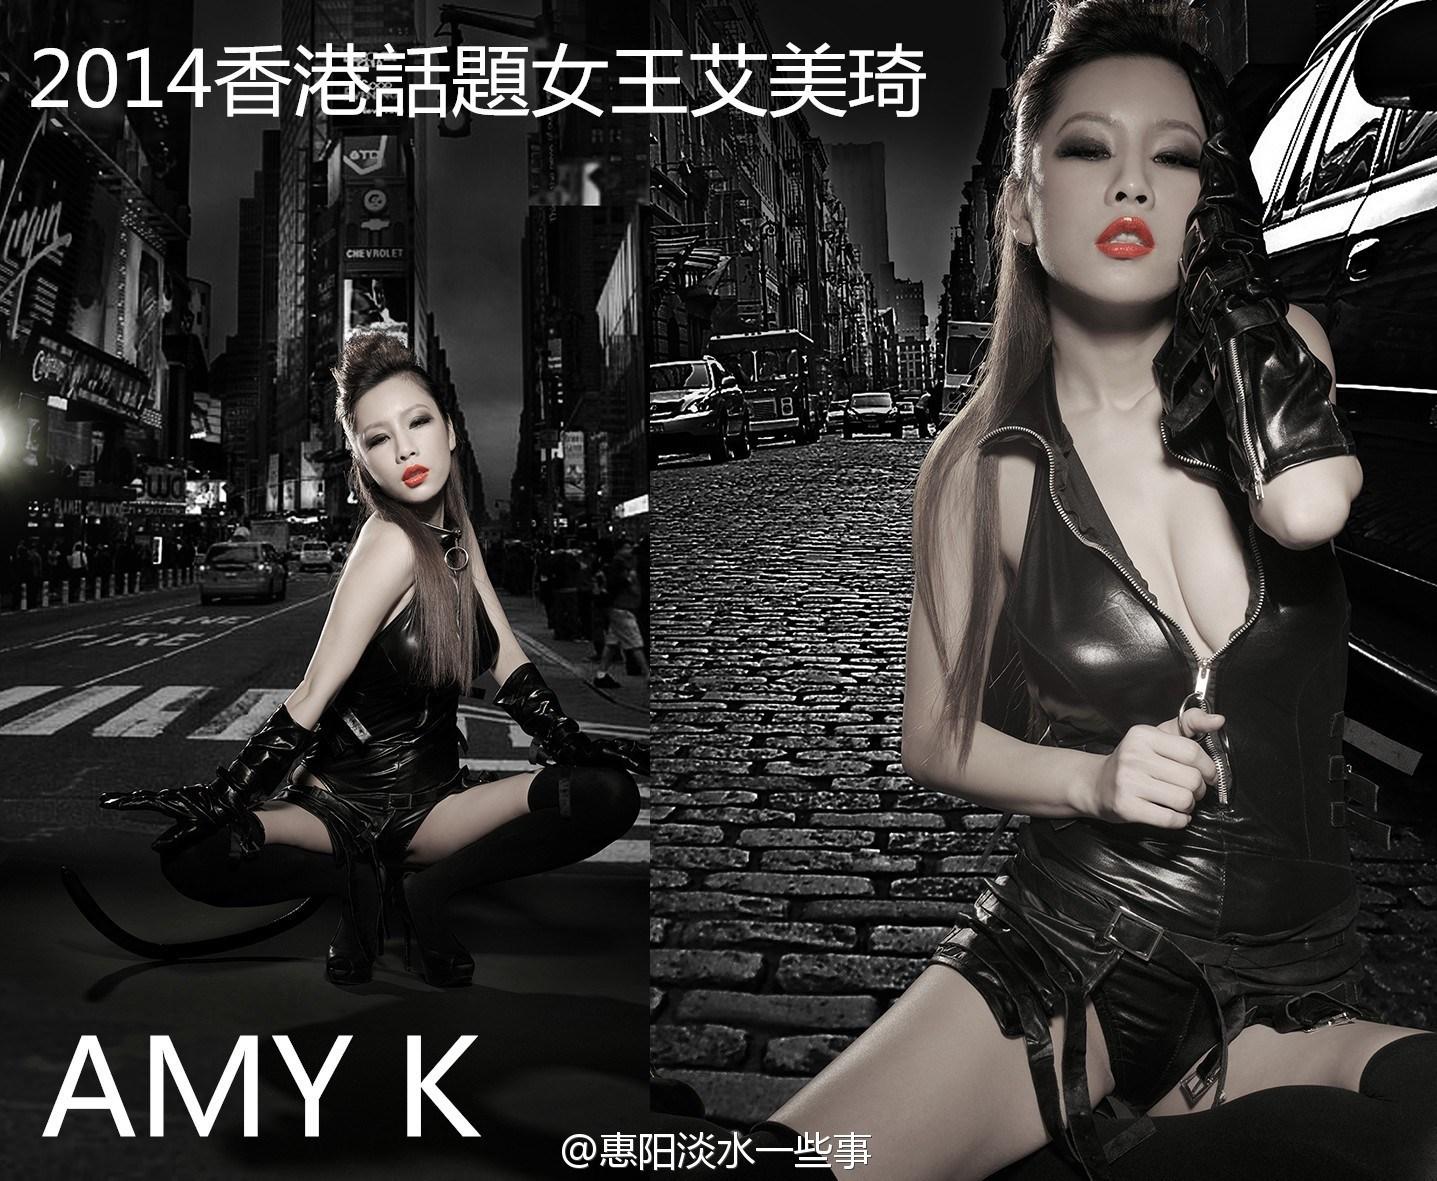 艾美琦Amy昔日不雅照-香港嫩模Amy不雅视频全套 大尺度画面堪比马